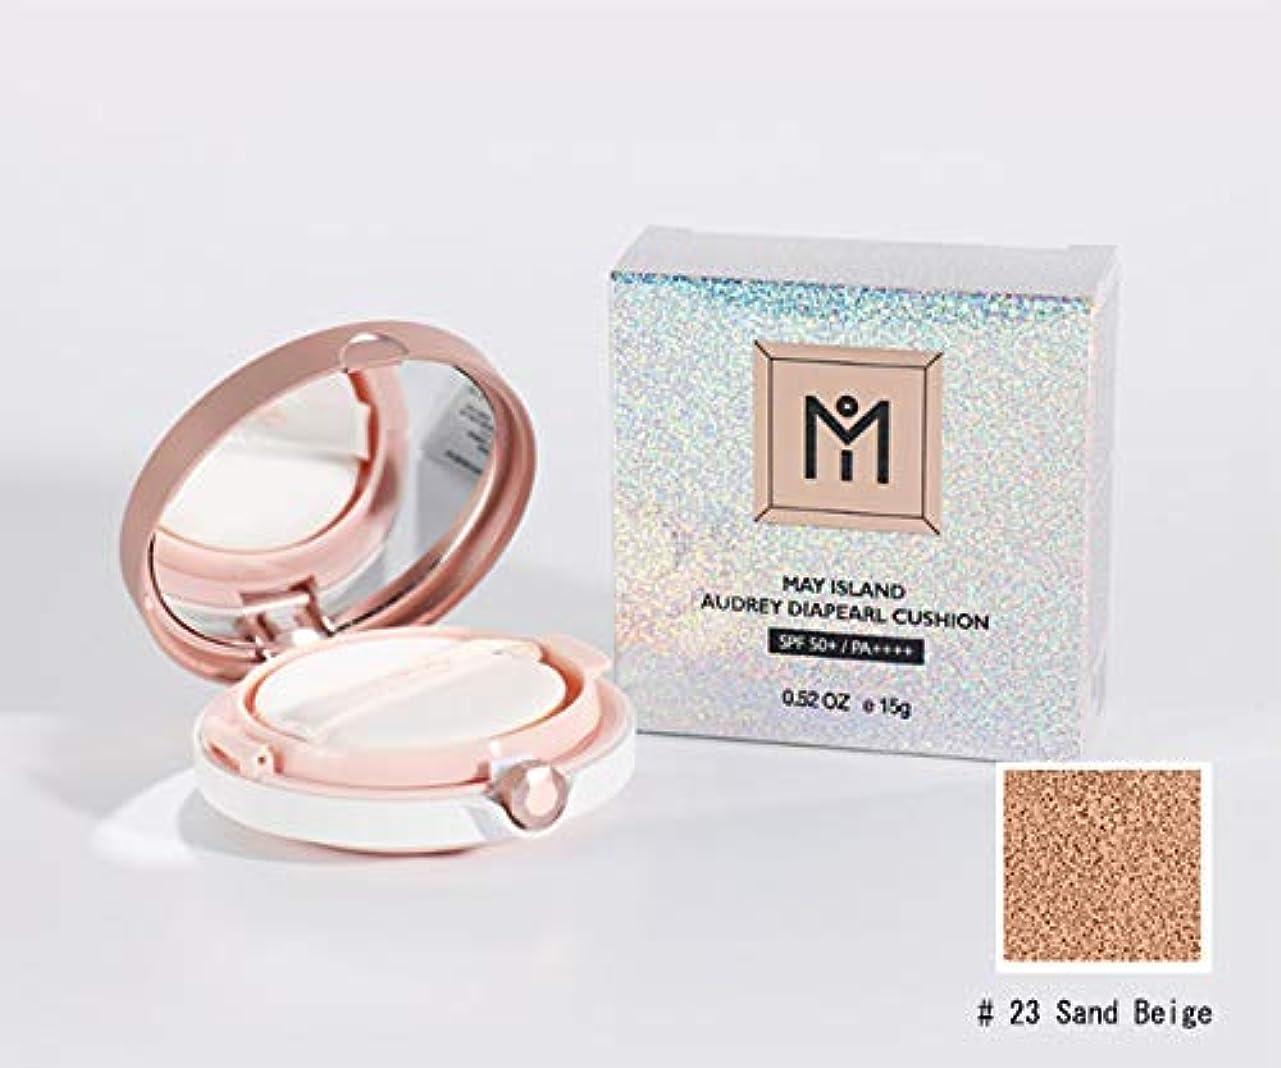 簡単に探検とは異なり[MAY ISLAND] AUDREY DIAPEARL CUSHION[#23.Sand Beige] ダイヤモンドパールクッション SPF50+/ PA++++[美白、シワの改善、紫外線遮断3の機能性化粧品]韓国の人気...